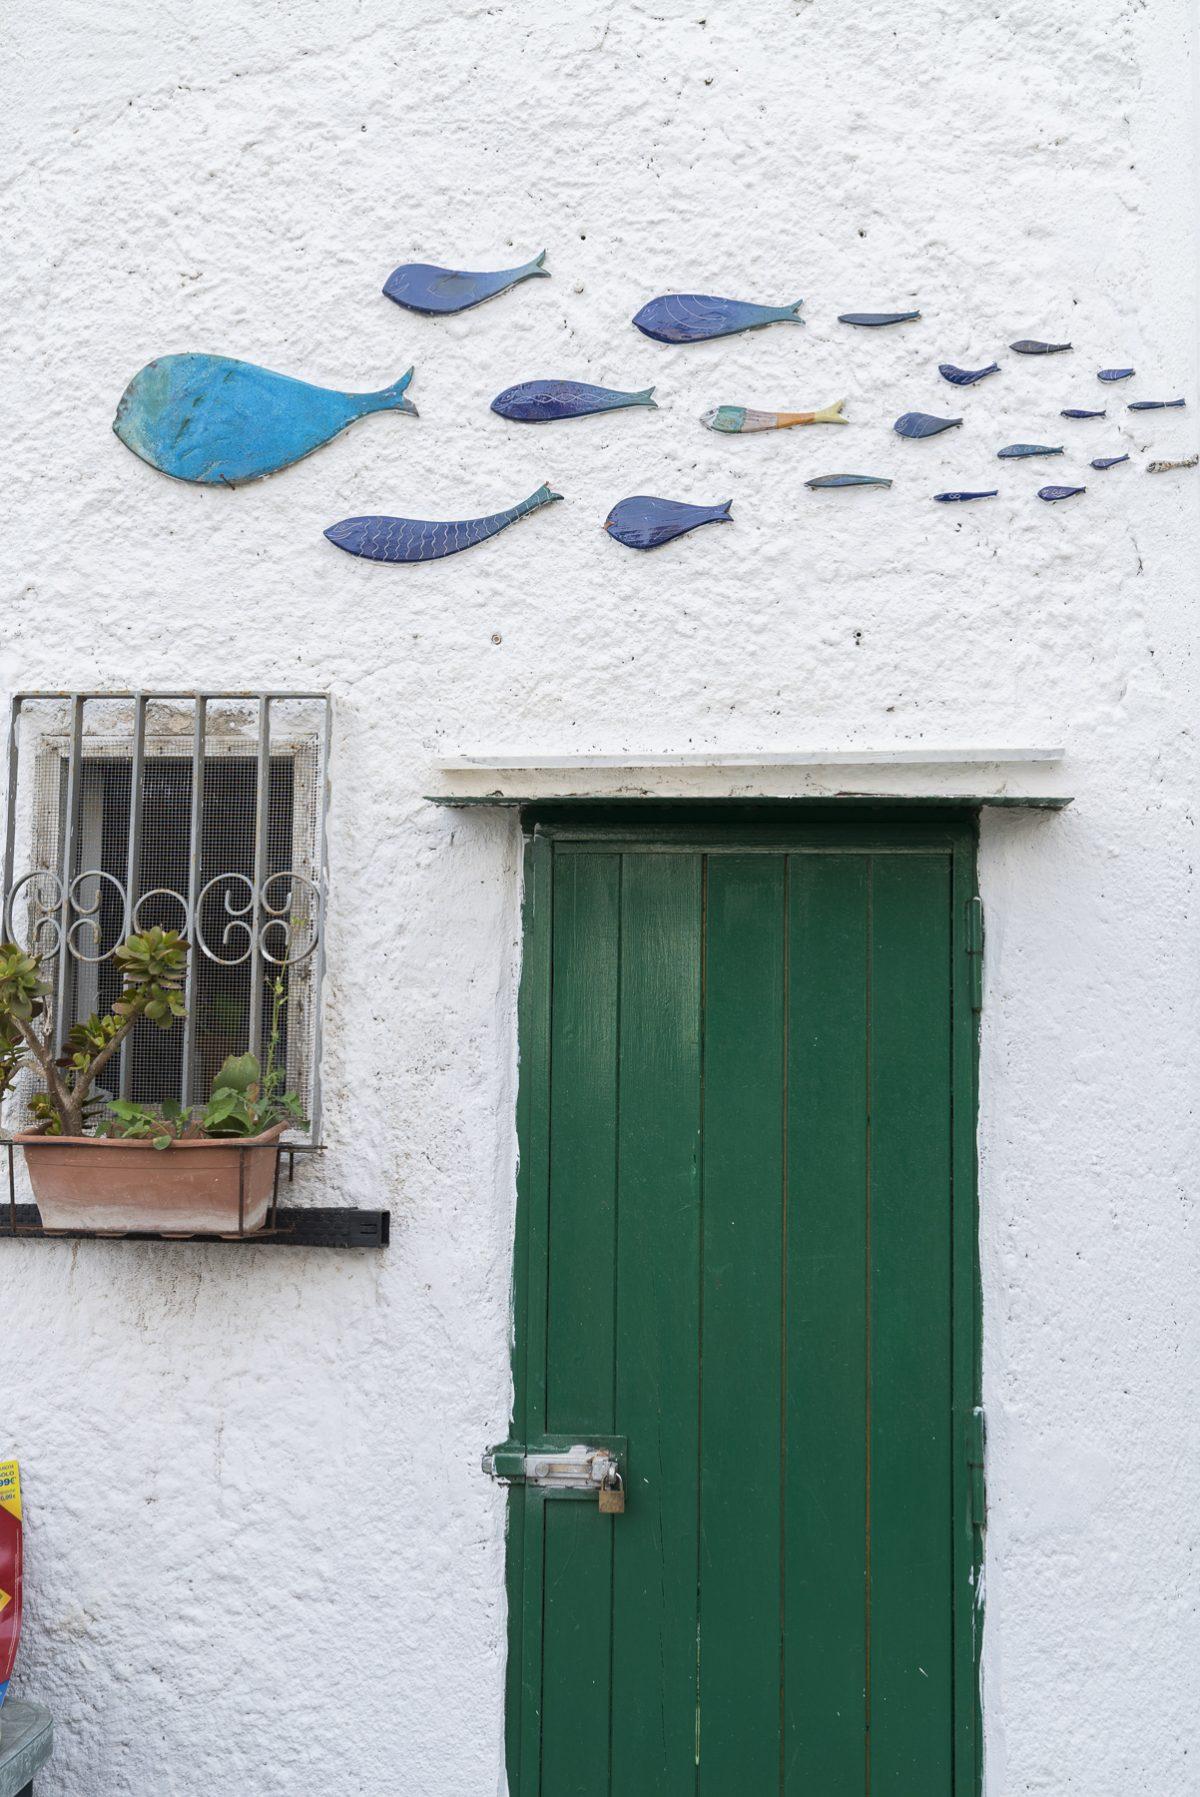 Fische in Erchie, Italien